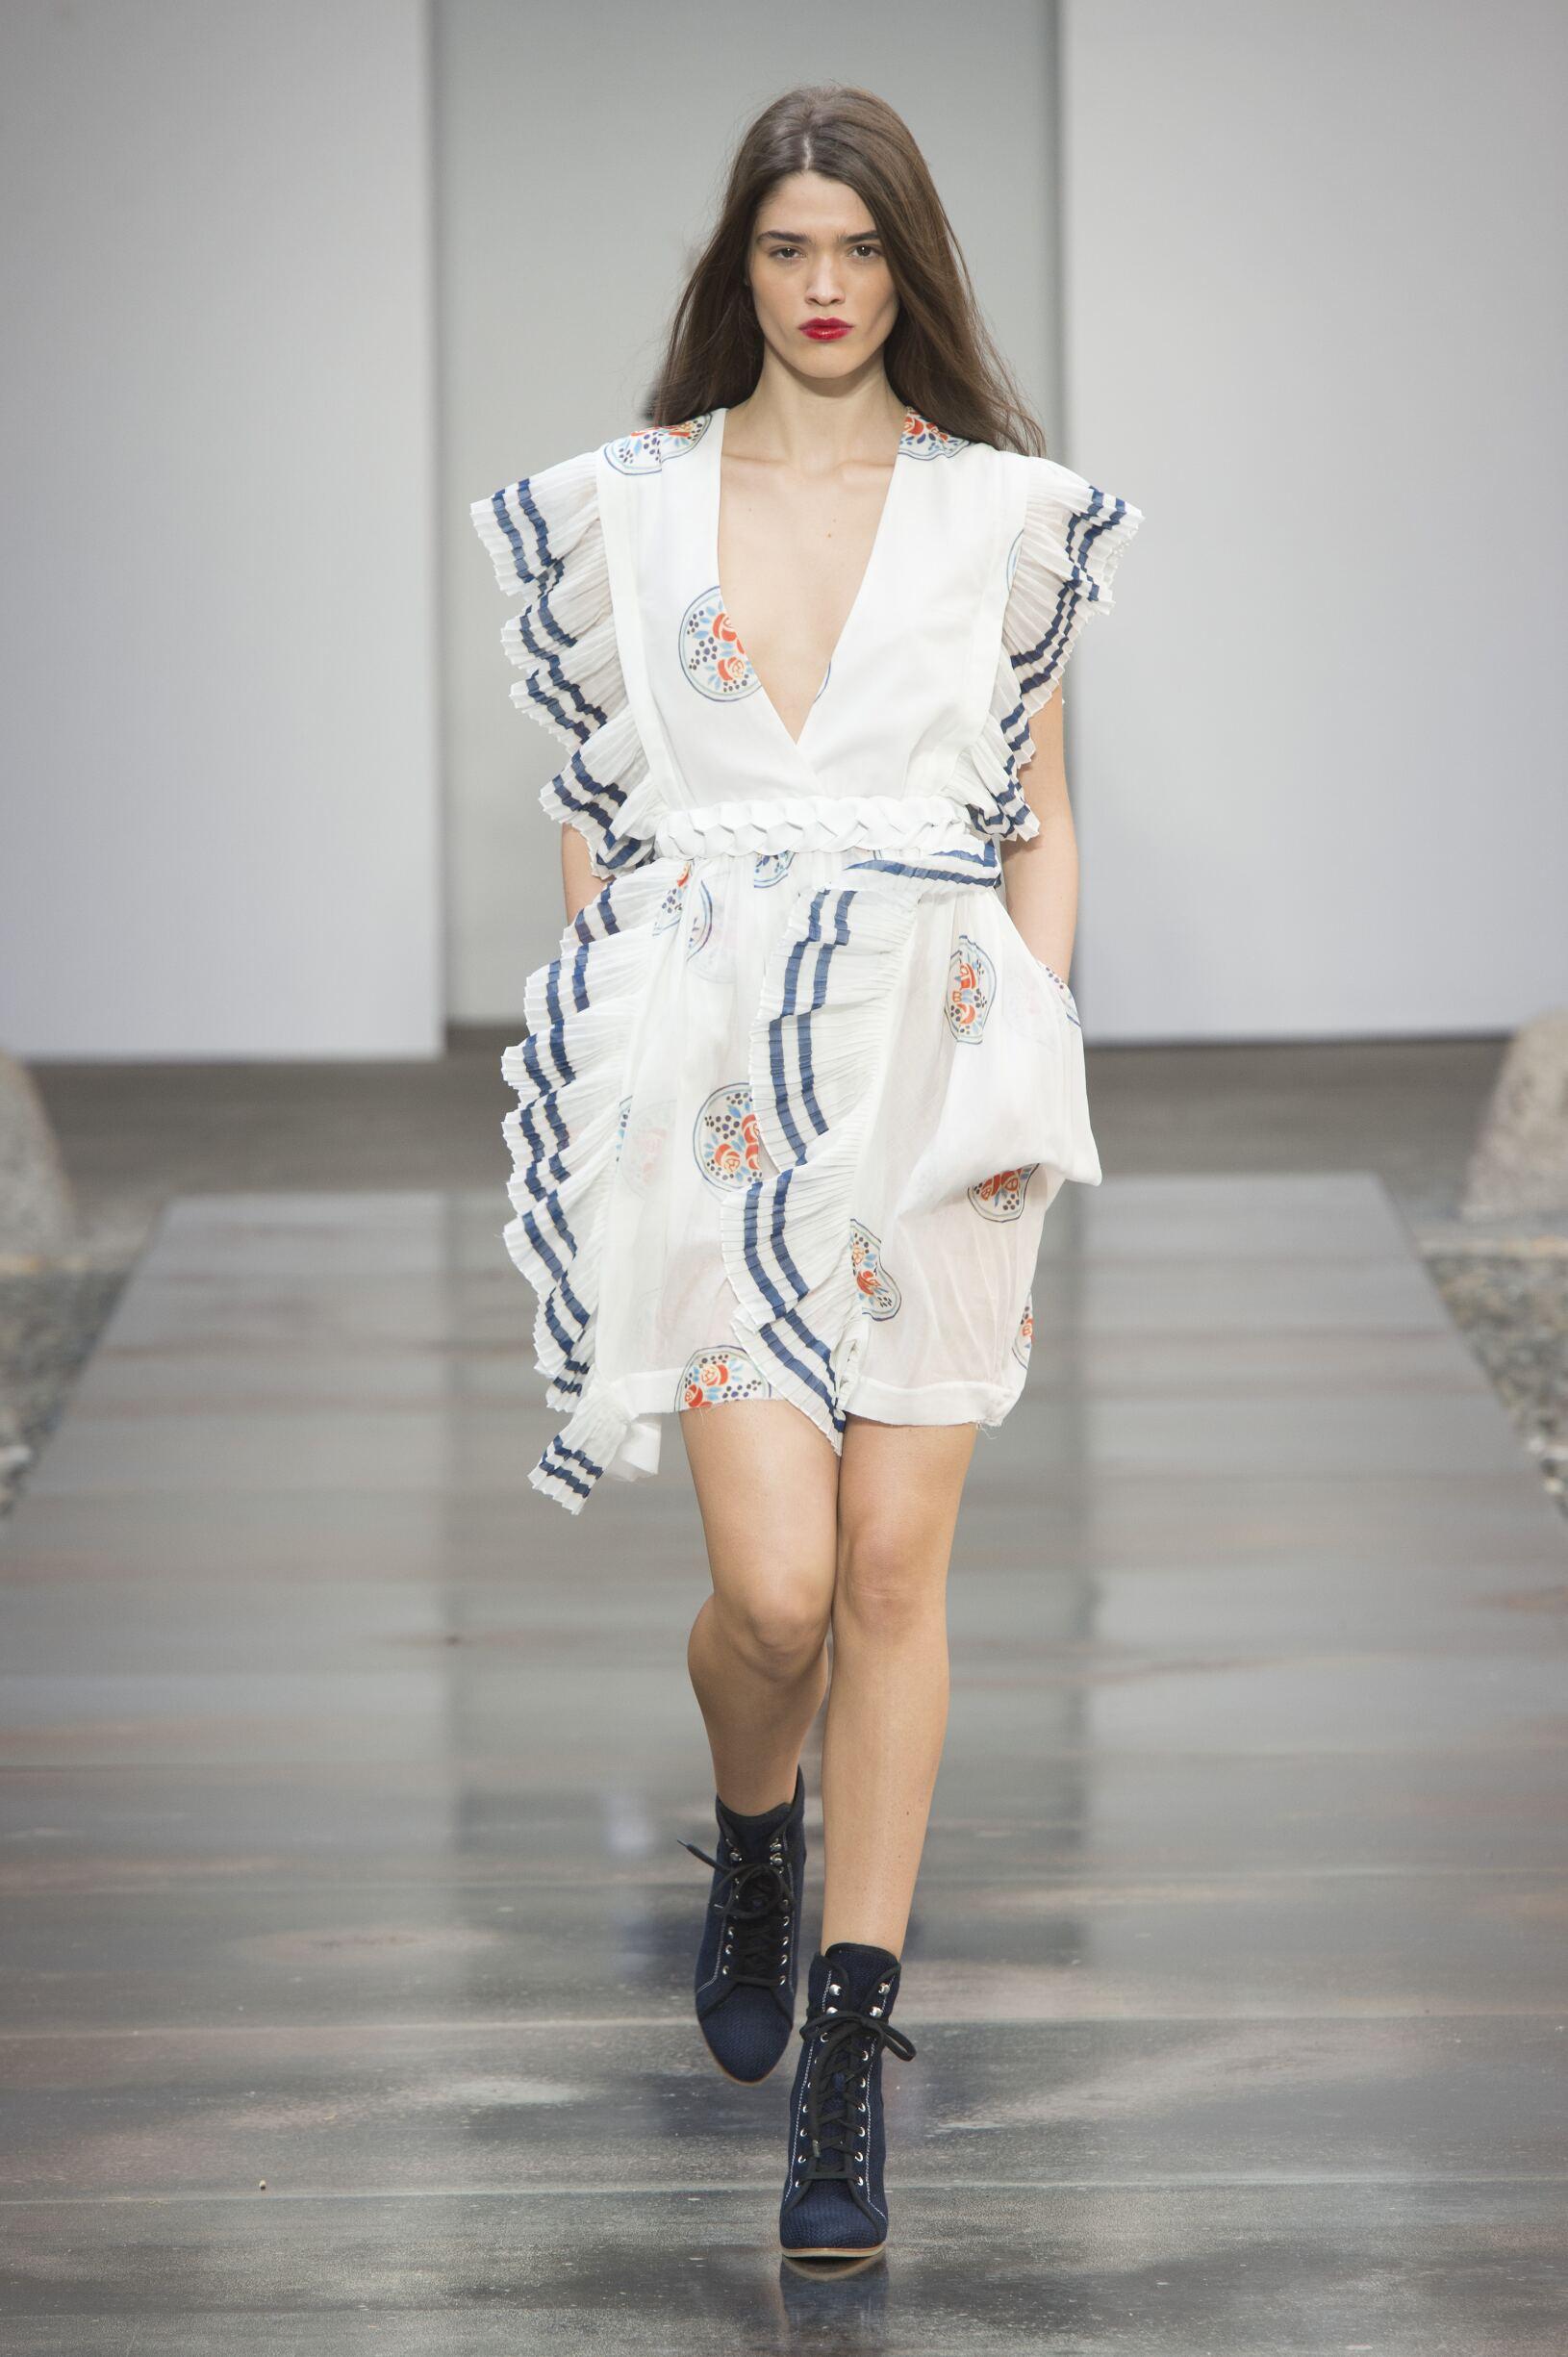 Spring 2018 Womenswear Philosophy di Lorenzo Serafini